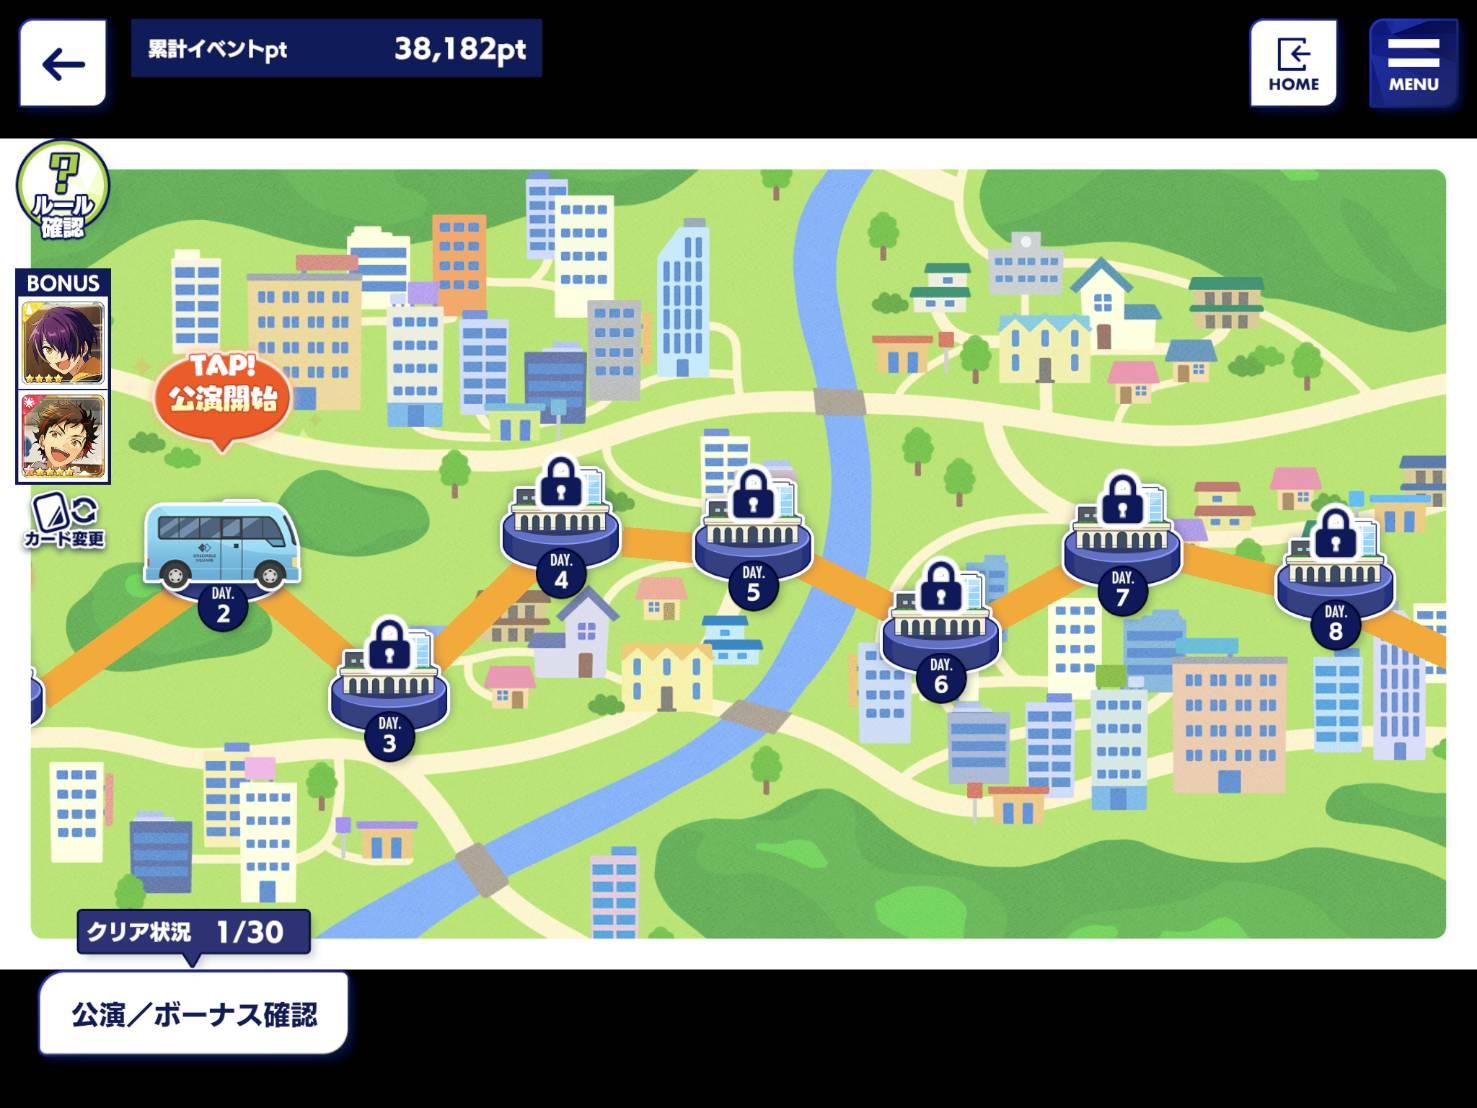 ツアーイベント・公演マップ